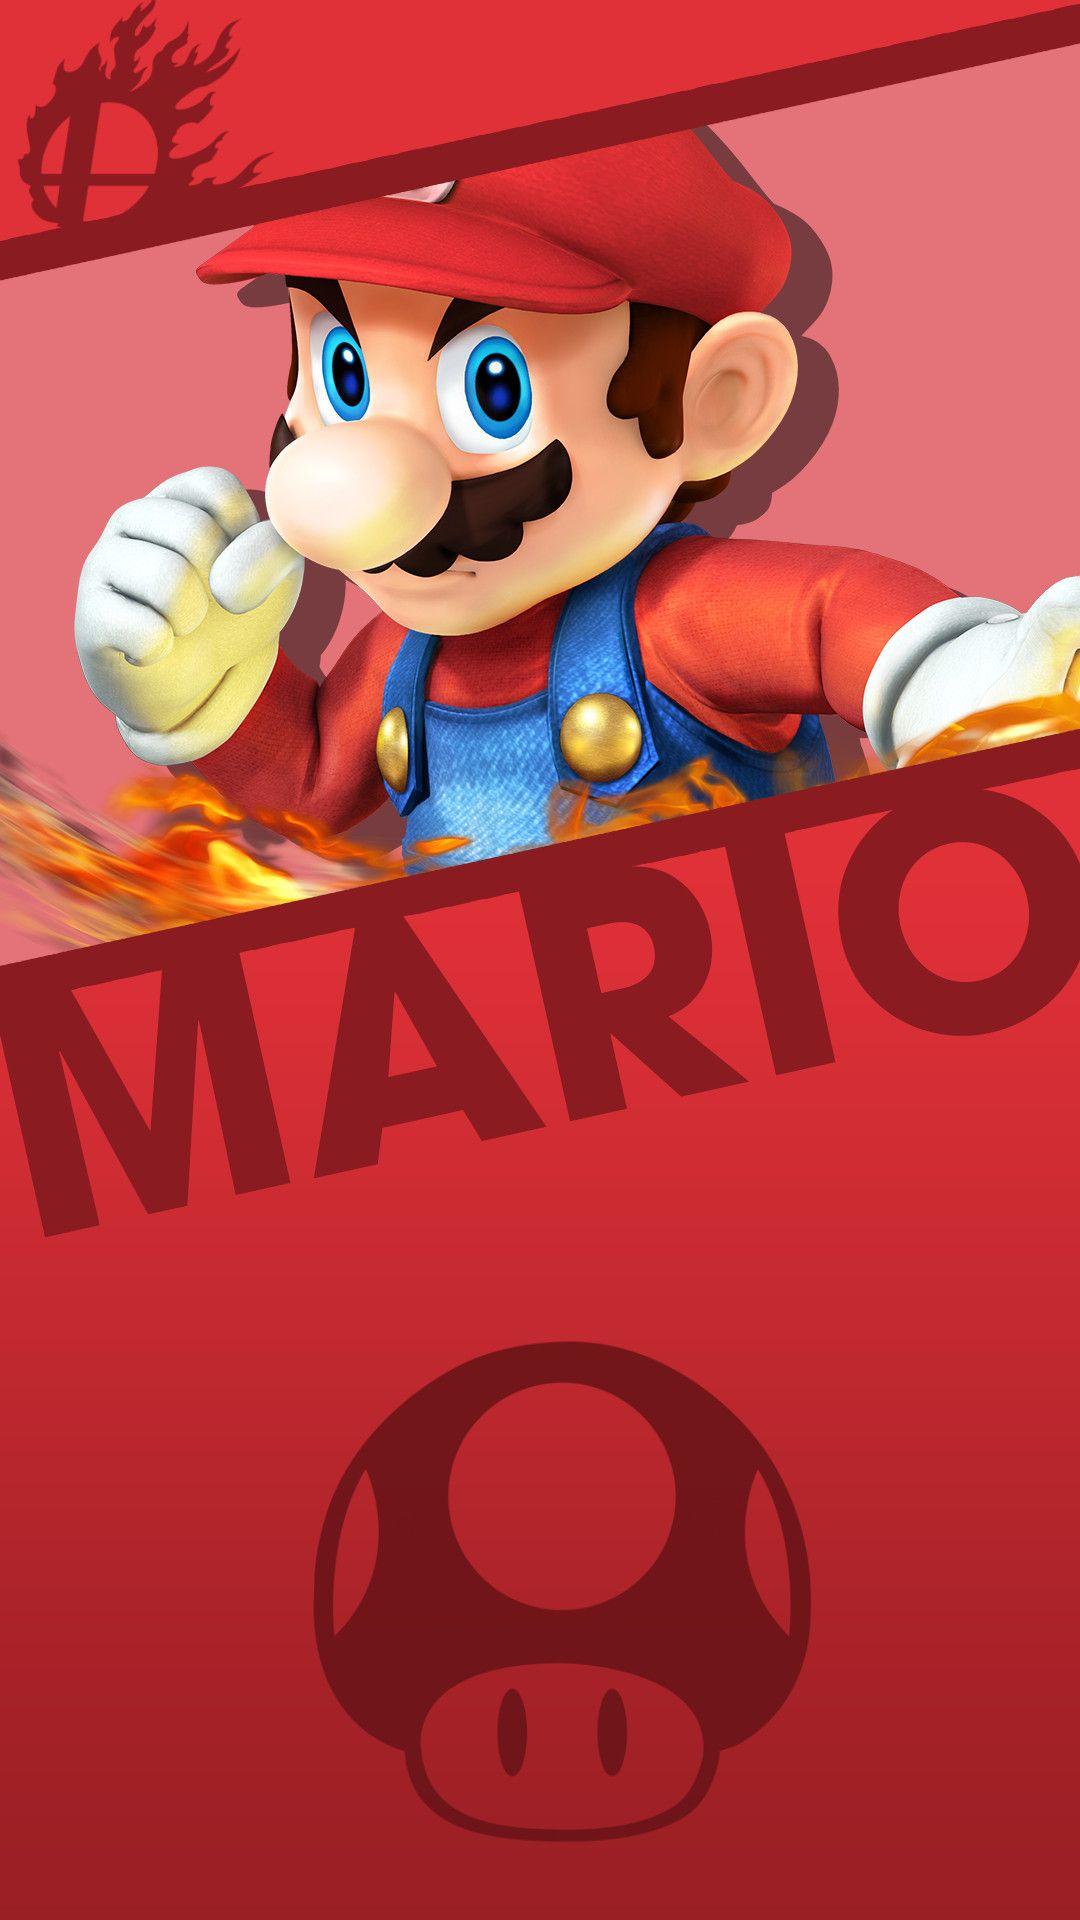 ゲーム スーパーマリオ マリオ 壁紙 マリオパーティー